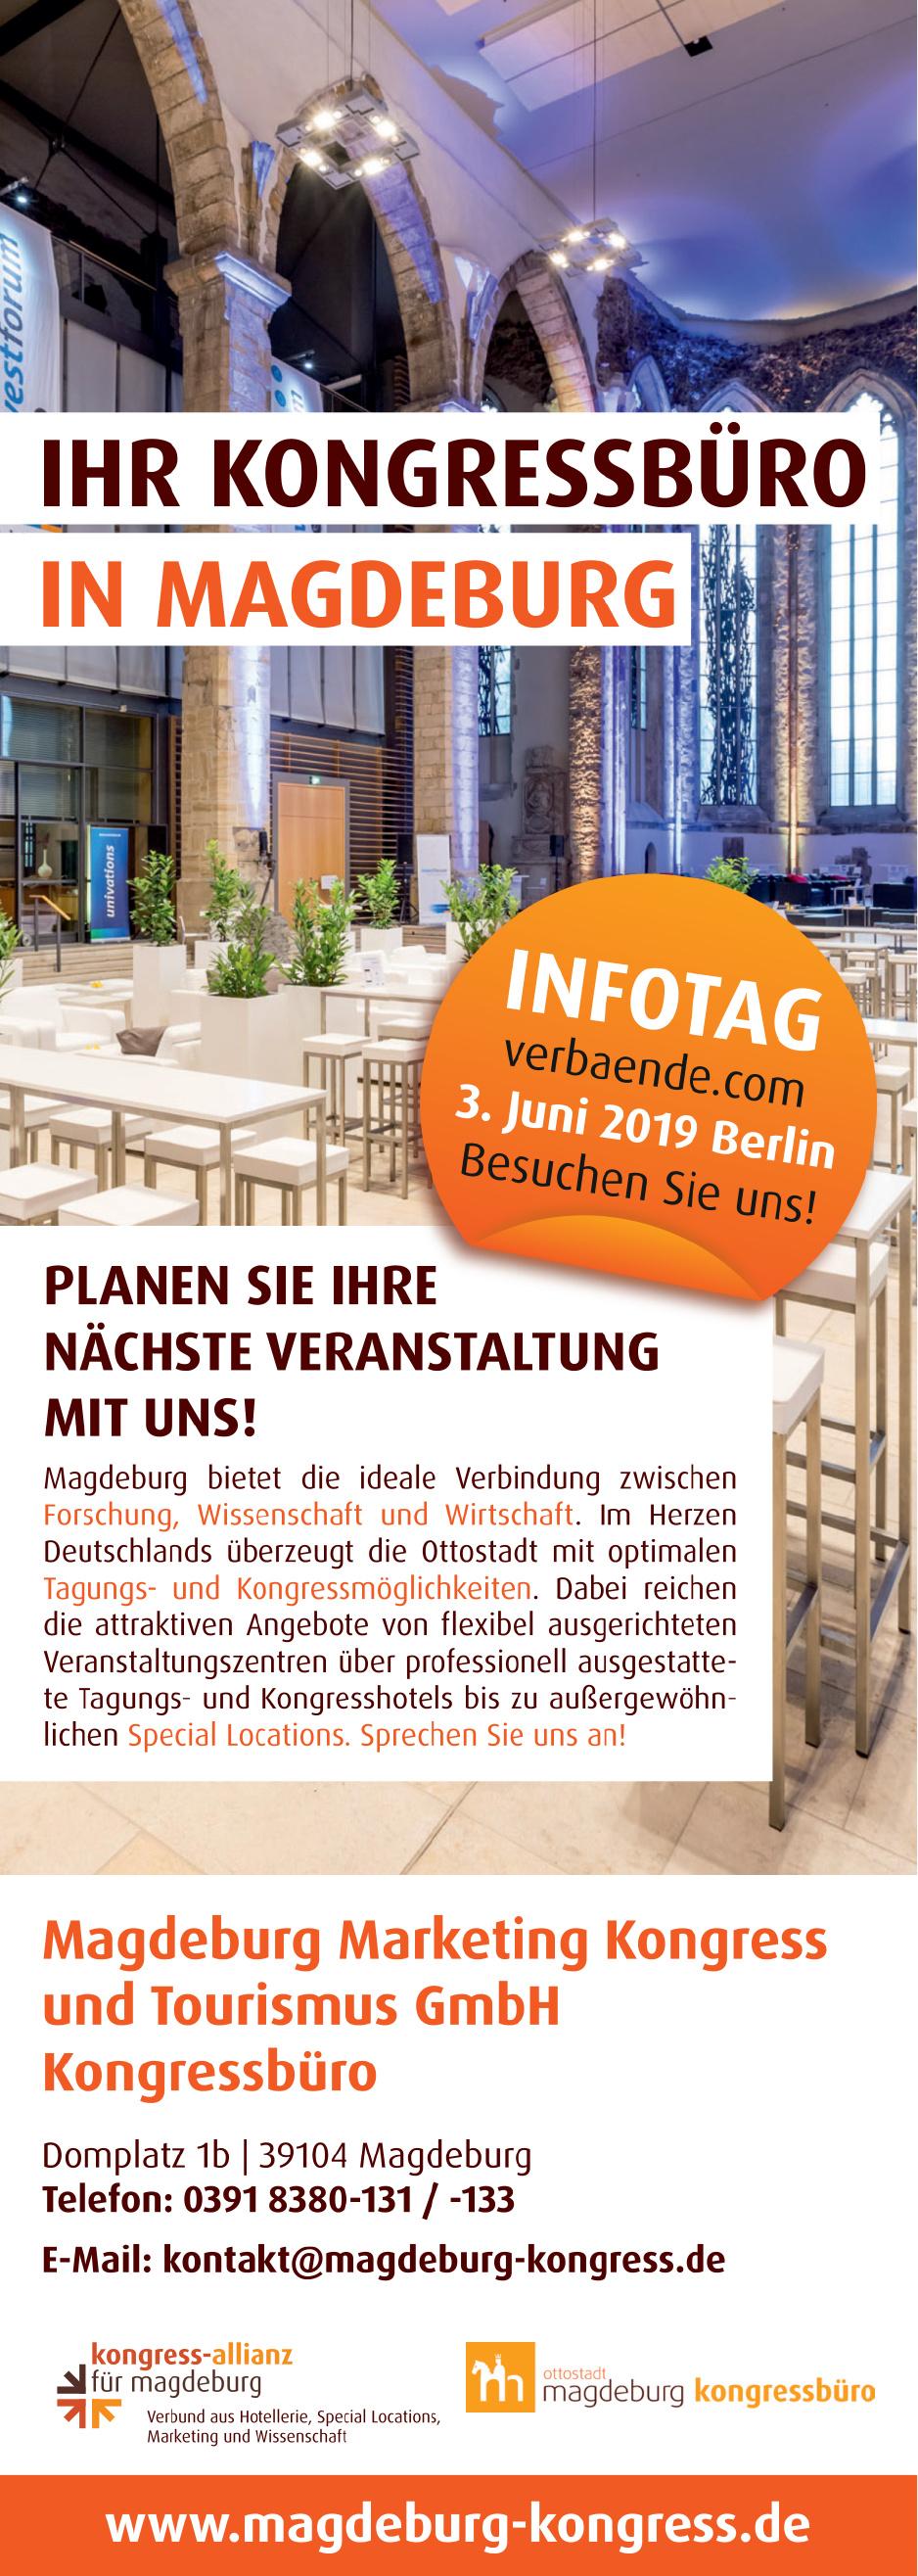 Magdeburg Marketing Kongress und Tourismus GmbH